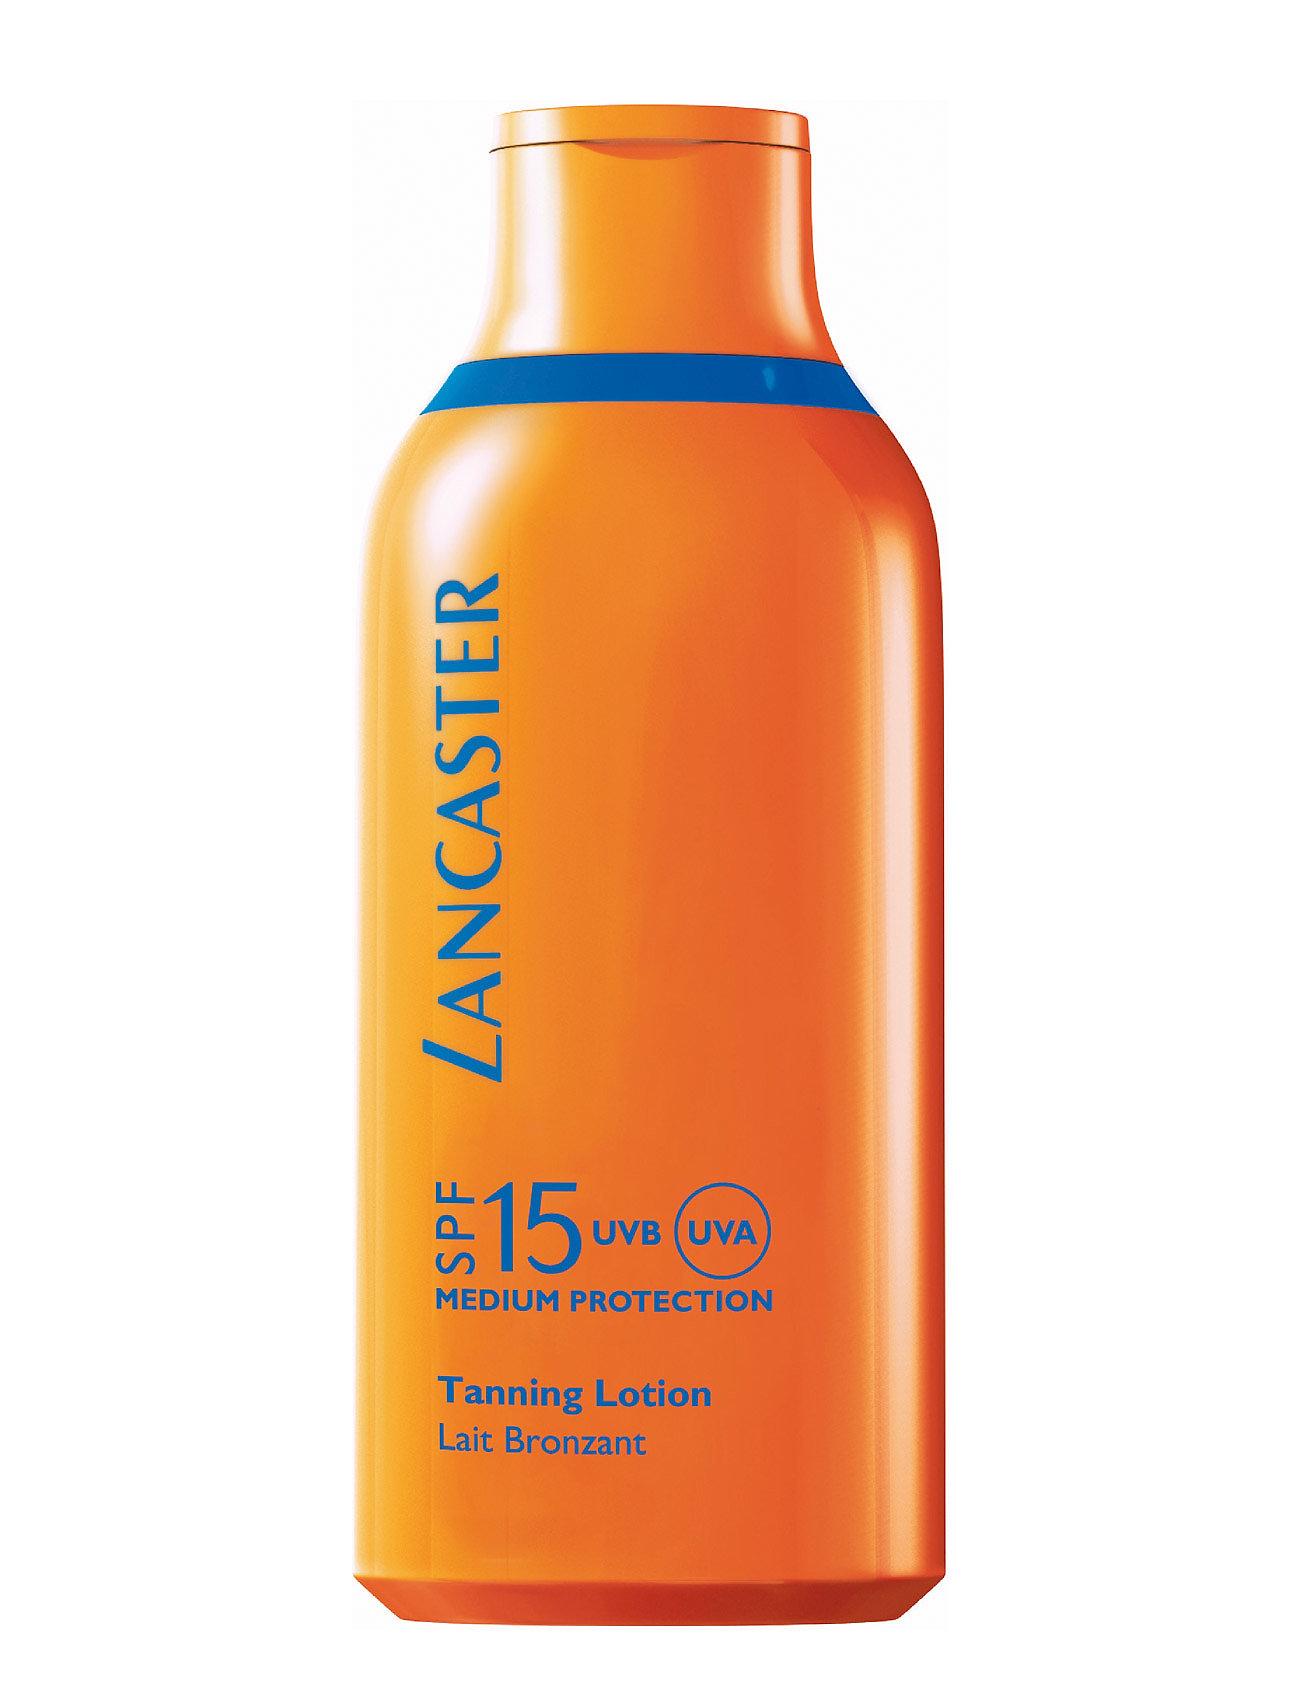 Image of Sun Care Face & Body Tanlotion Silky Milk Spf15 Beauty WOMEN Skin Care Sun Care Body Nude Lancaster (3193799659)